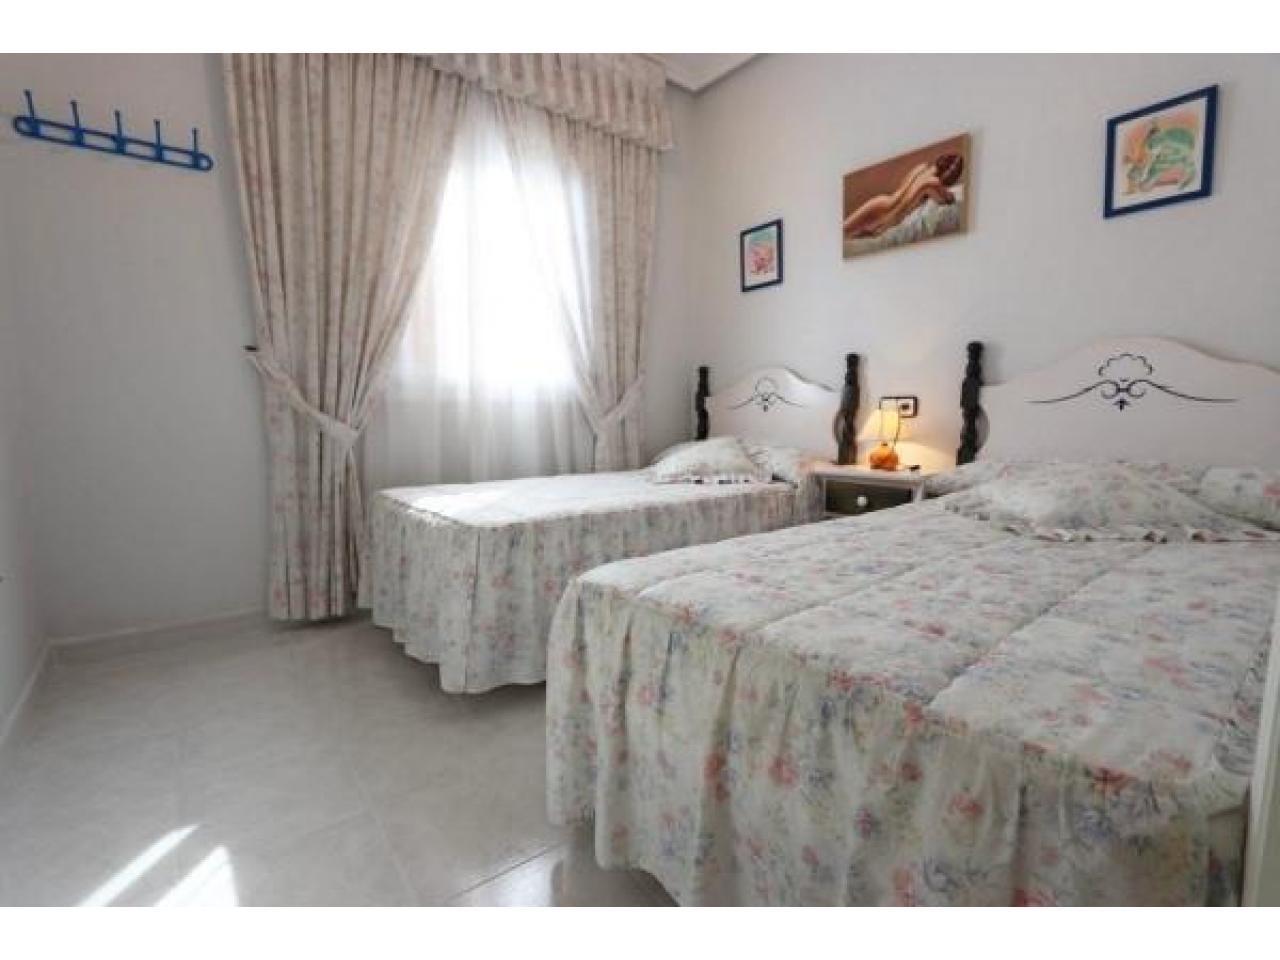 Недвижимость в Испании, Бунгало в Торревьеха,Коста Бланка,Испания - 7